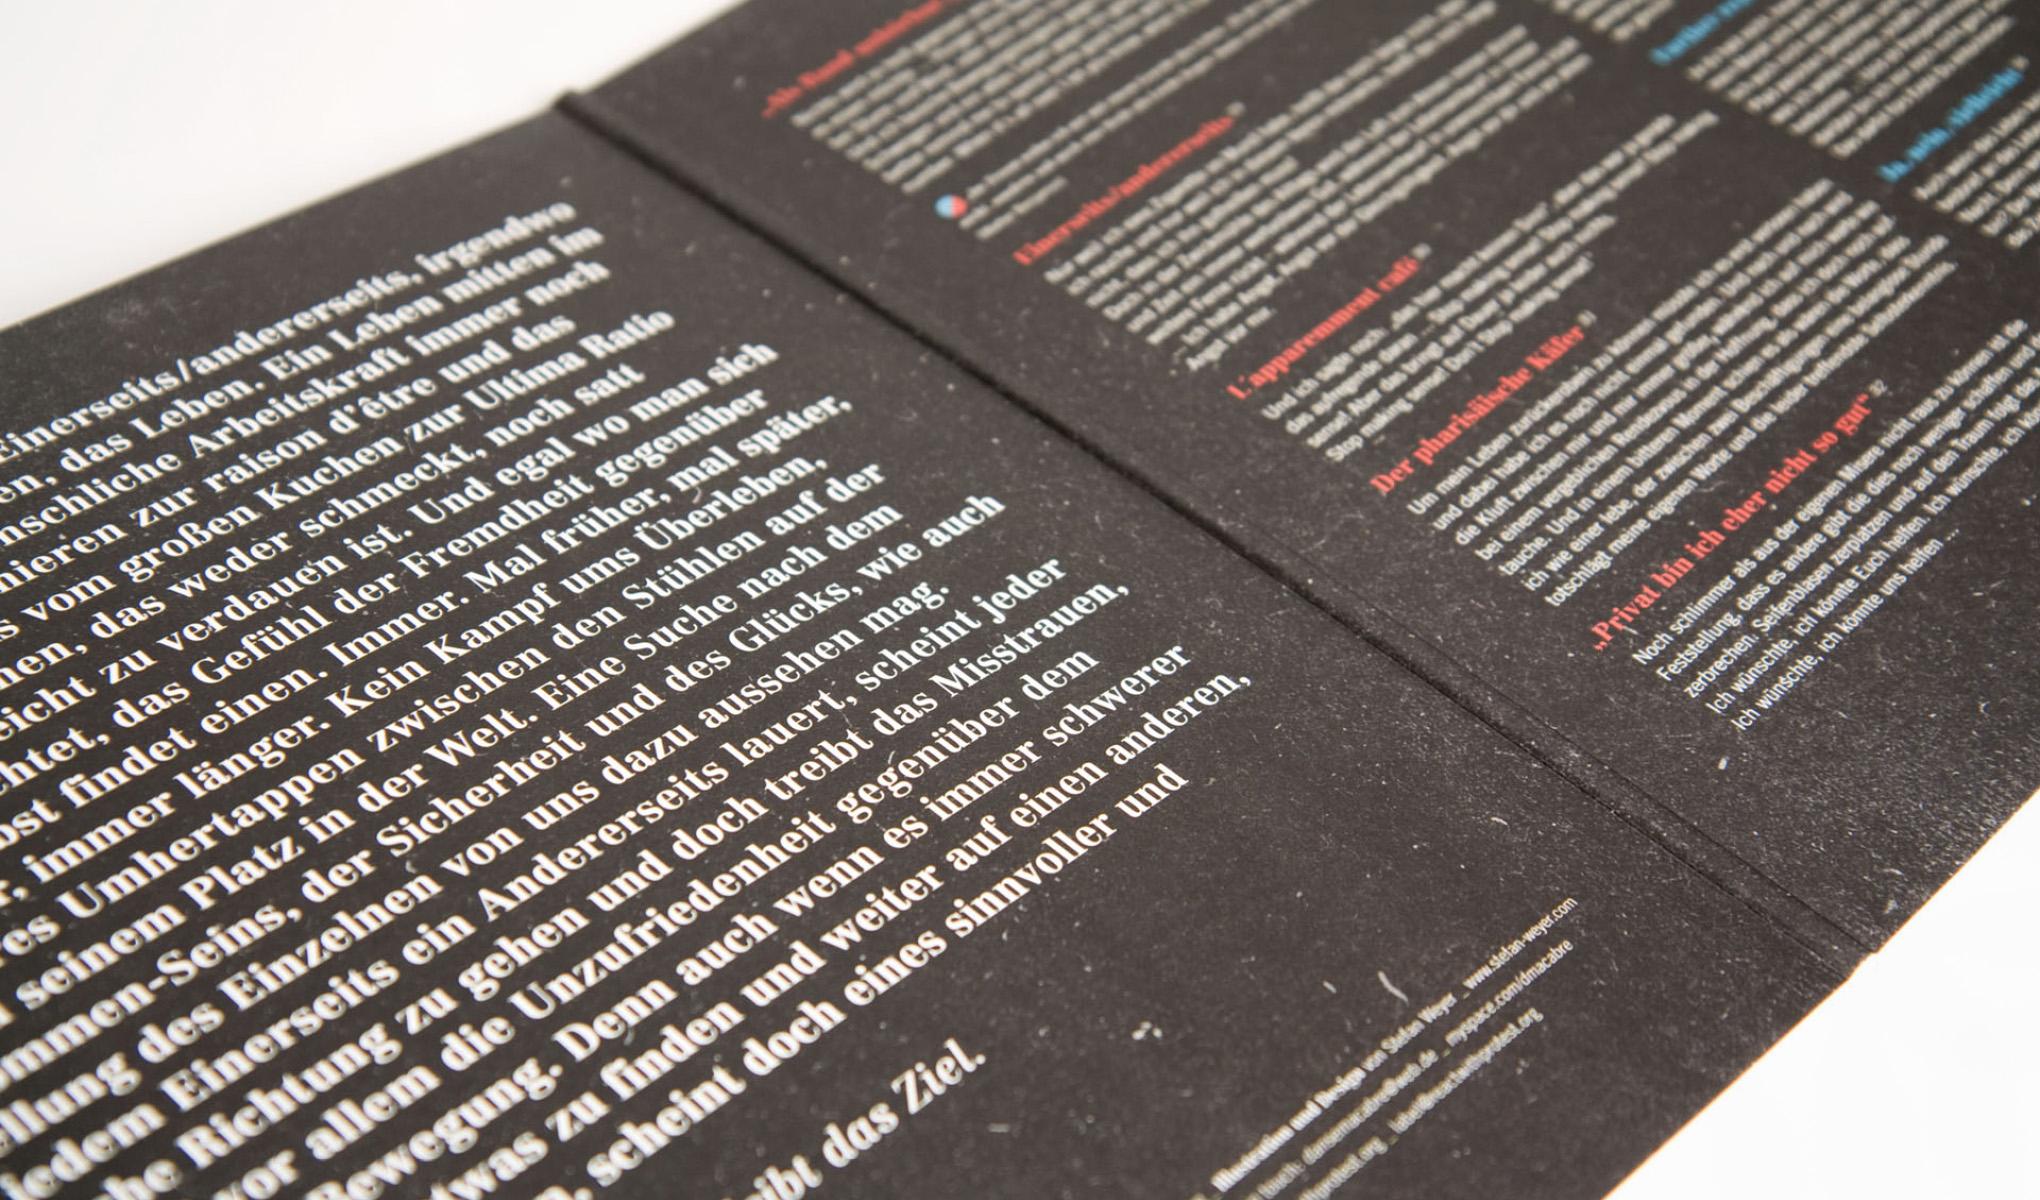 Typografie der Innenseite des Gatefold-Covers von Danse Macabre.